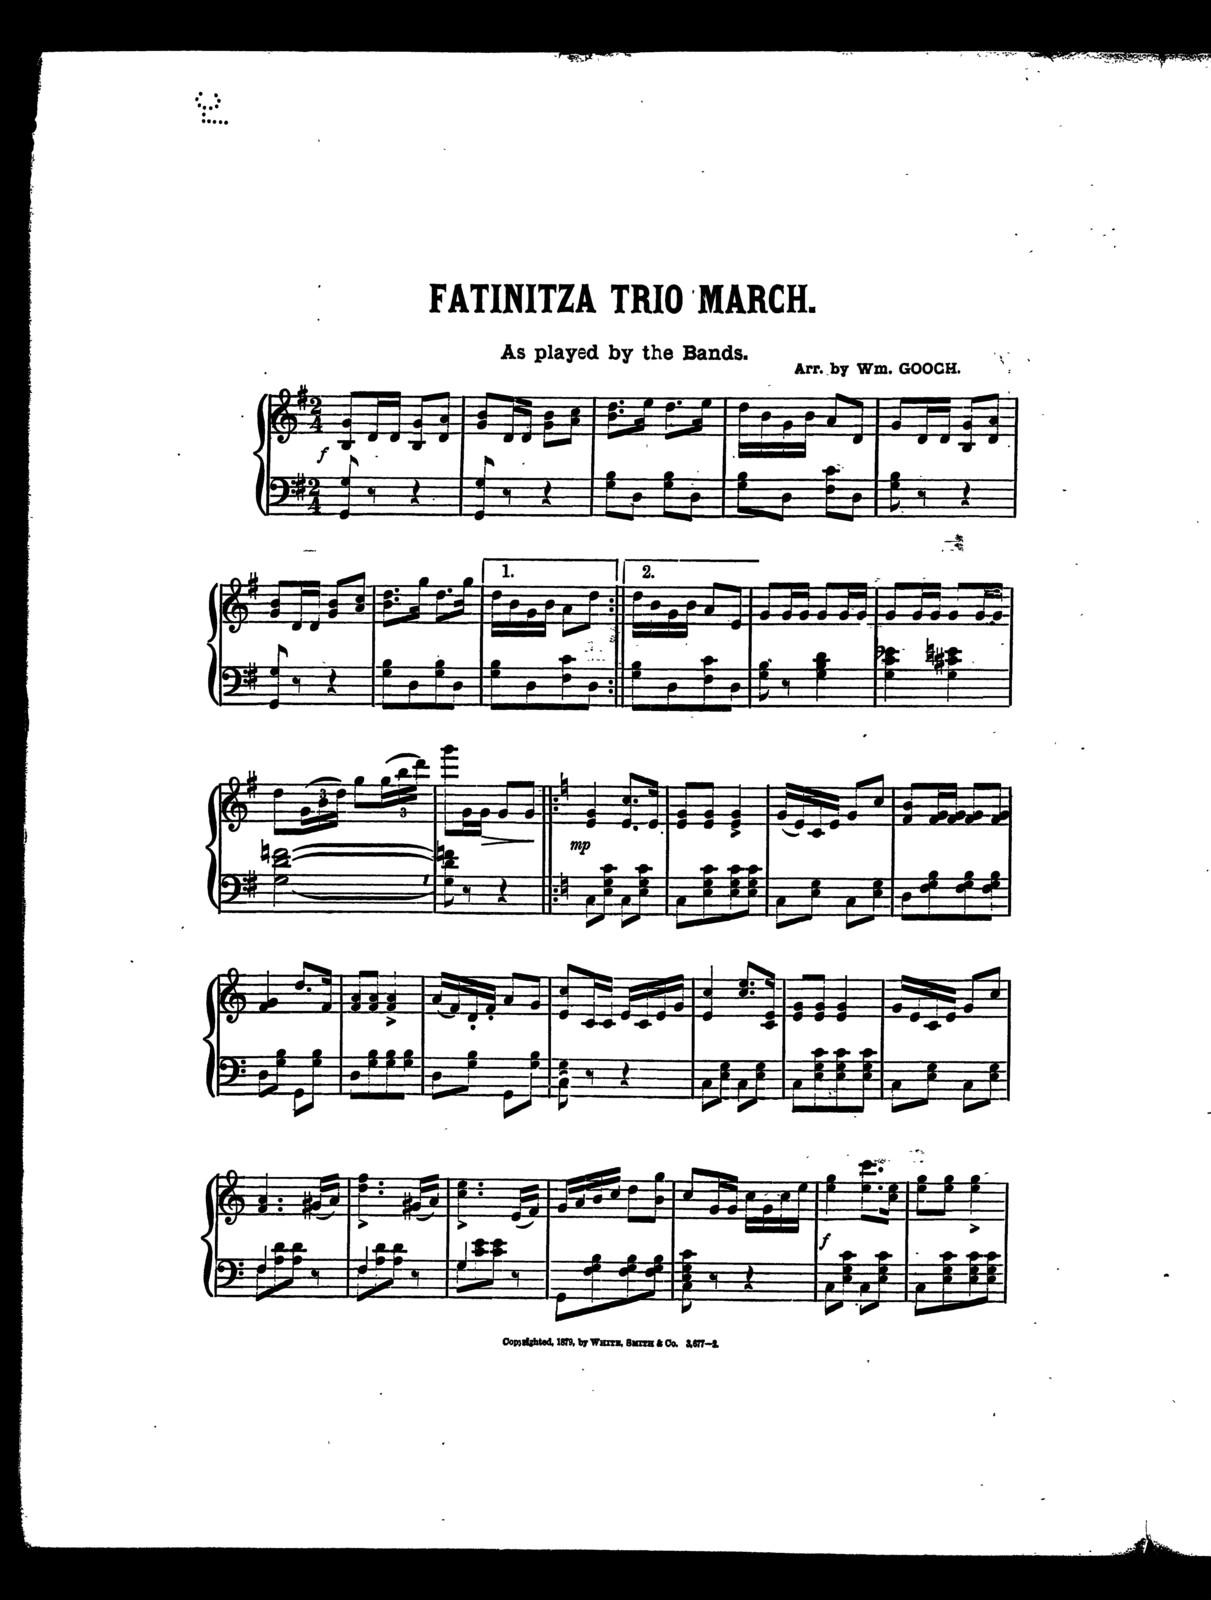 Fatinitza trio march